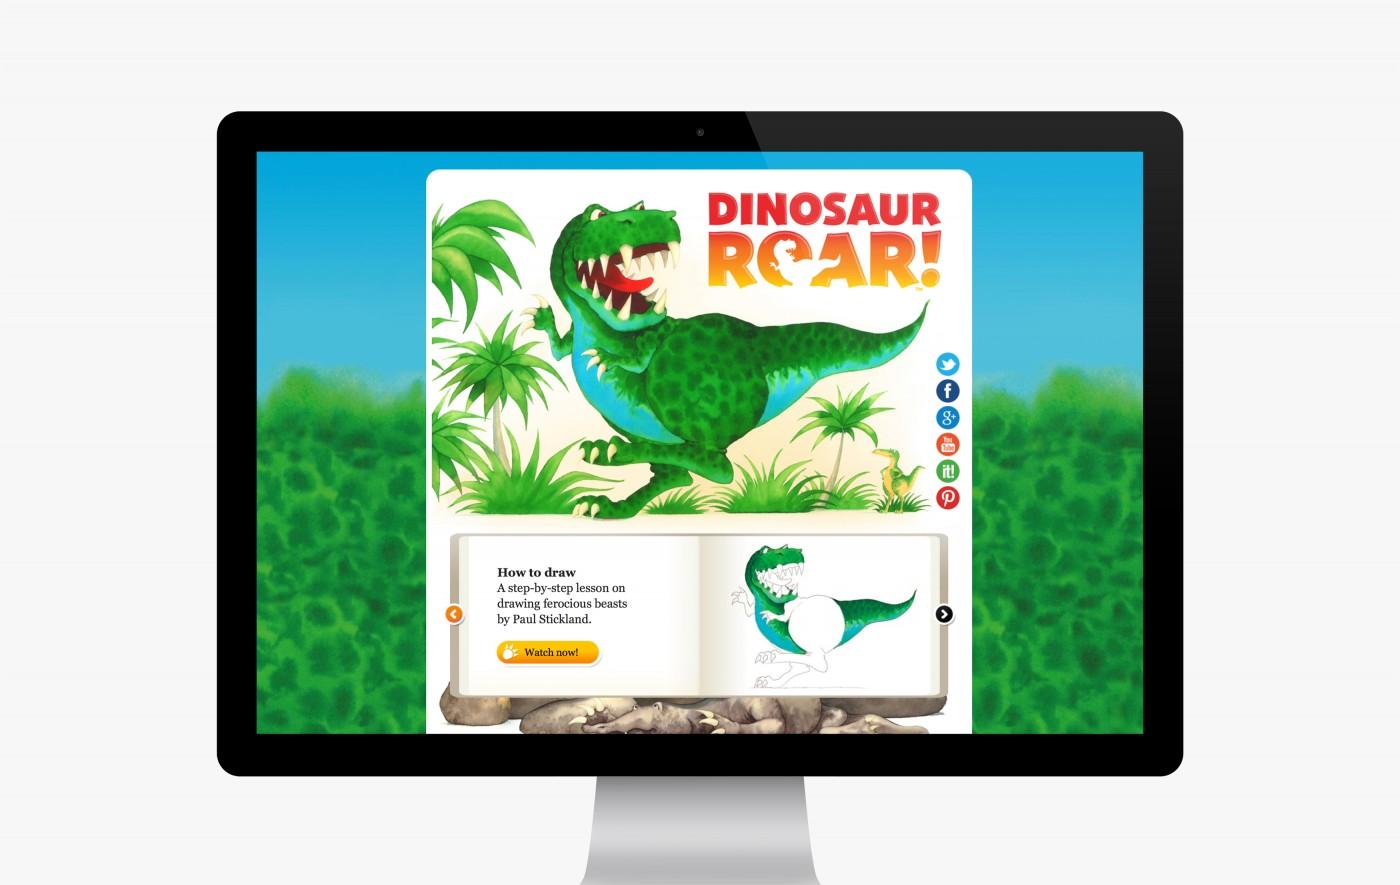 Dinosaur Roar! website